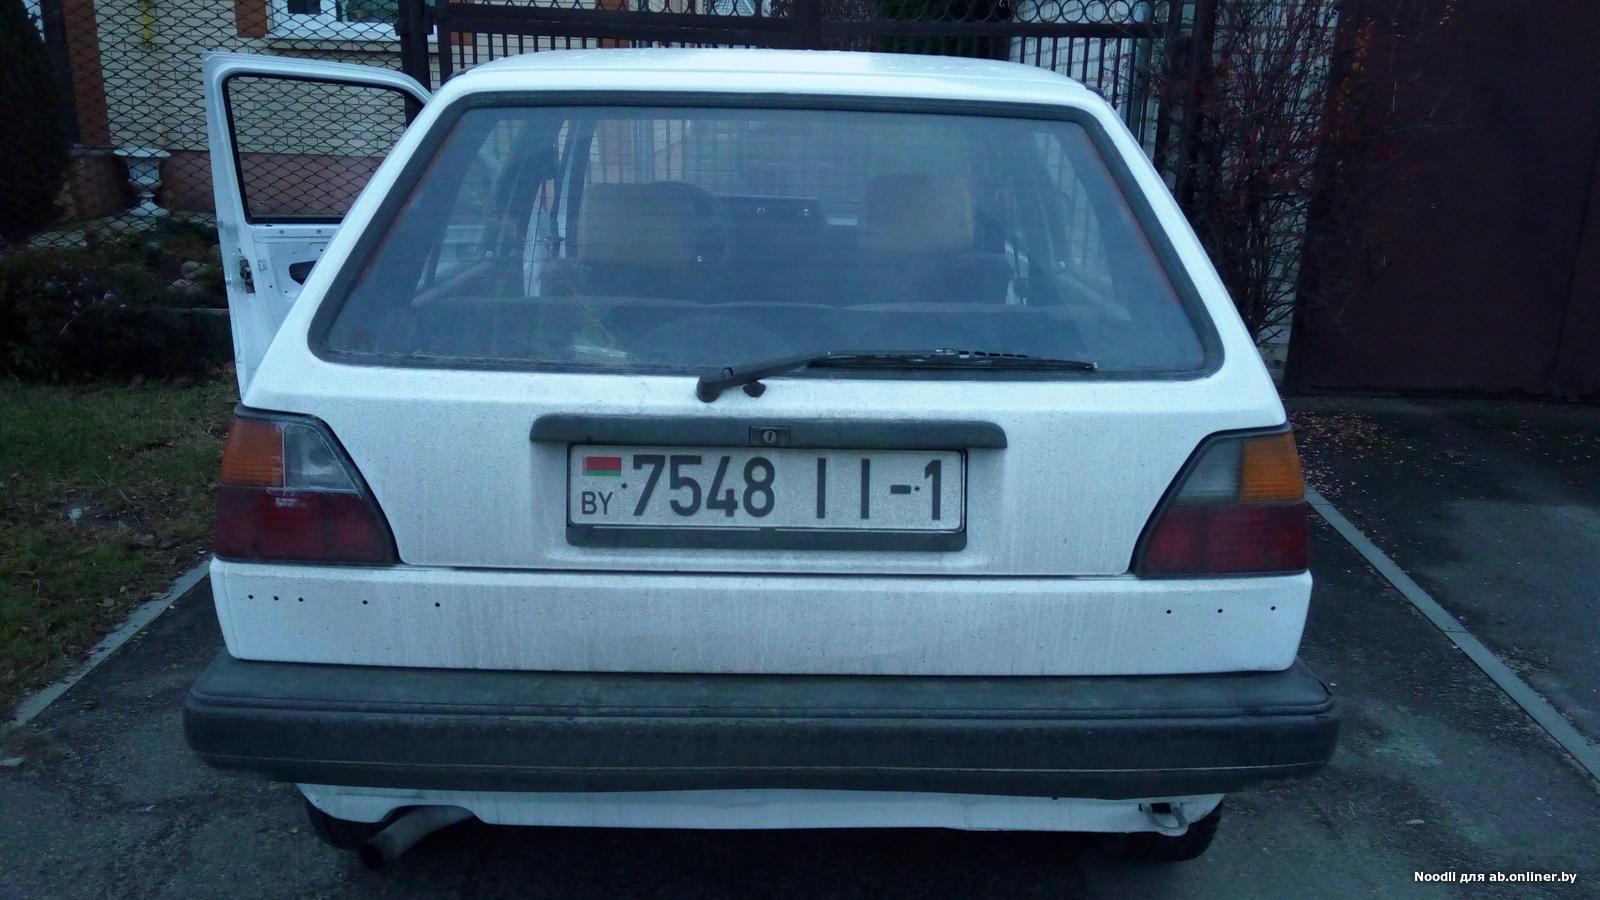 Volkswagen Golf + мои 300$